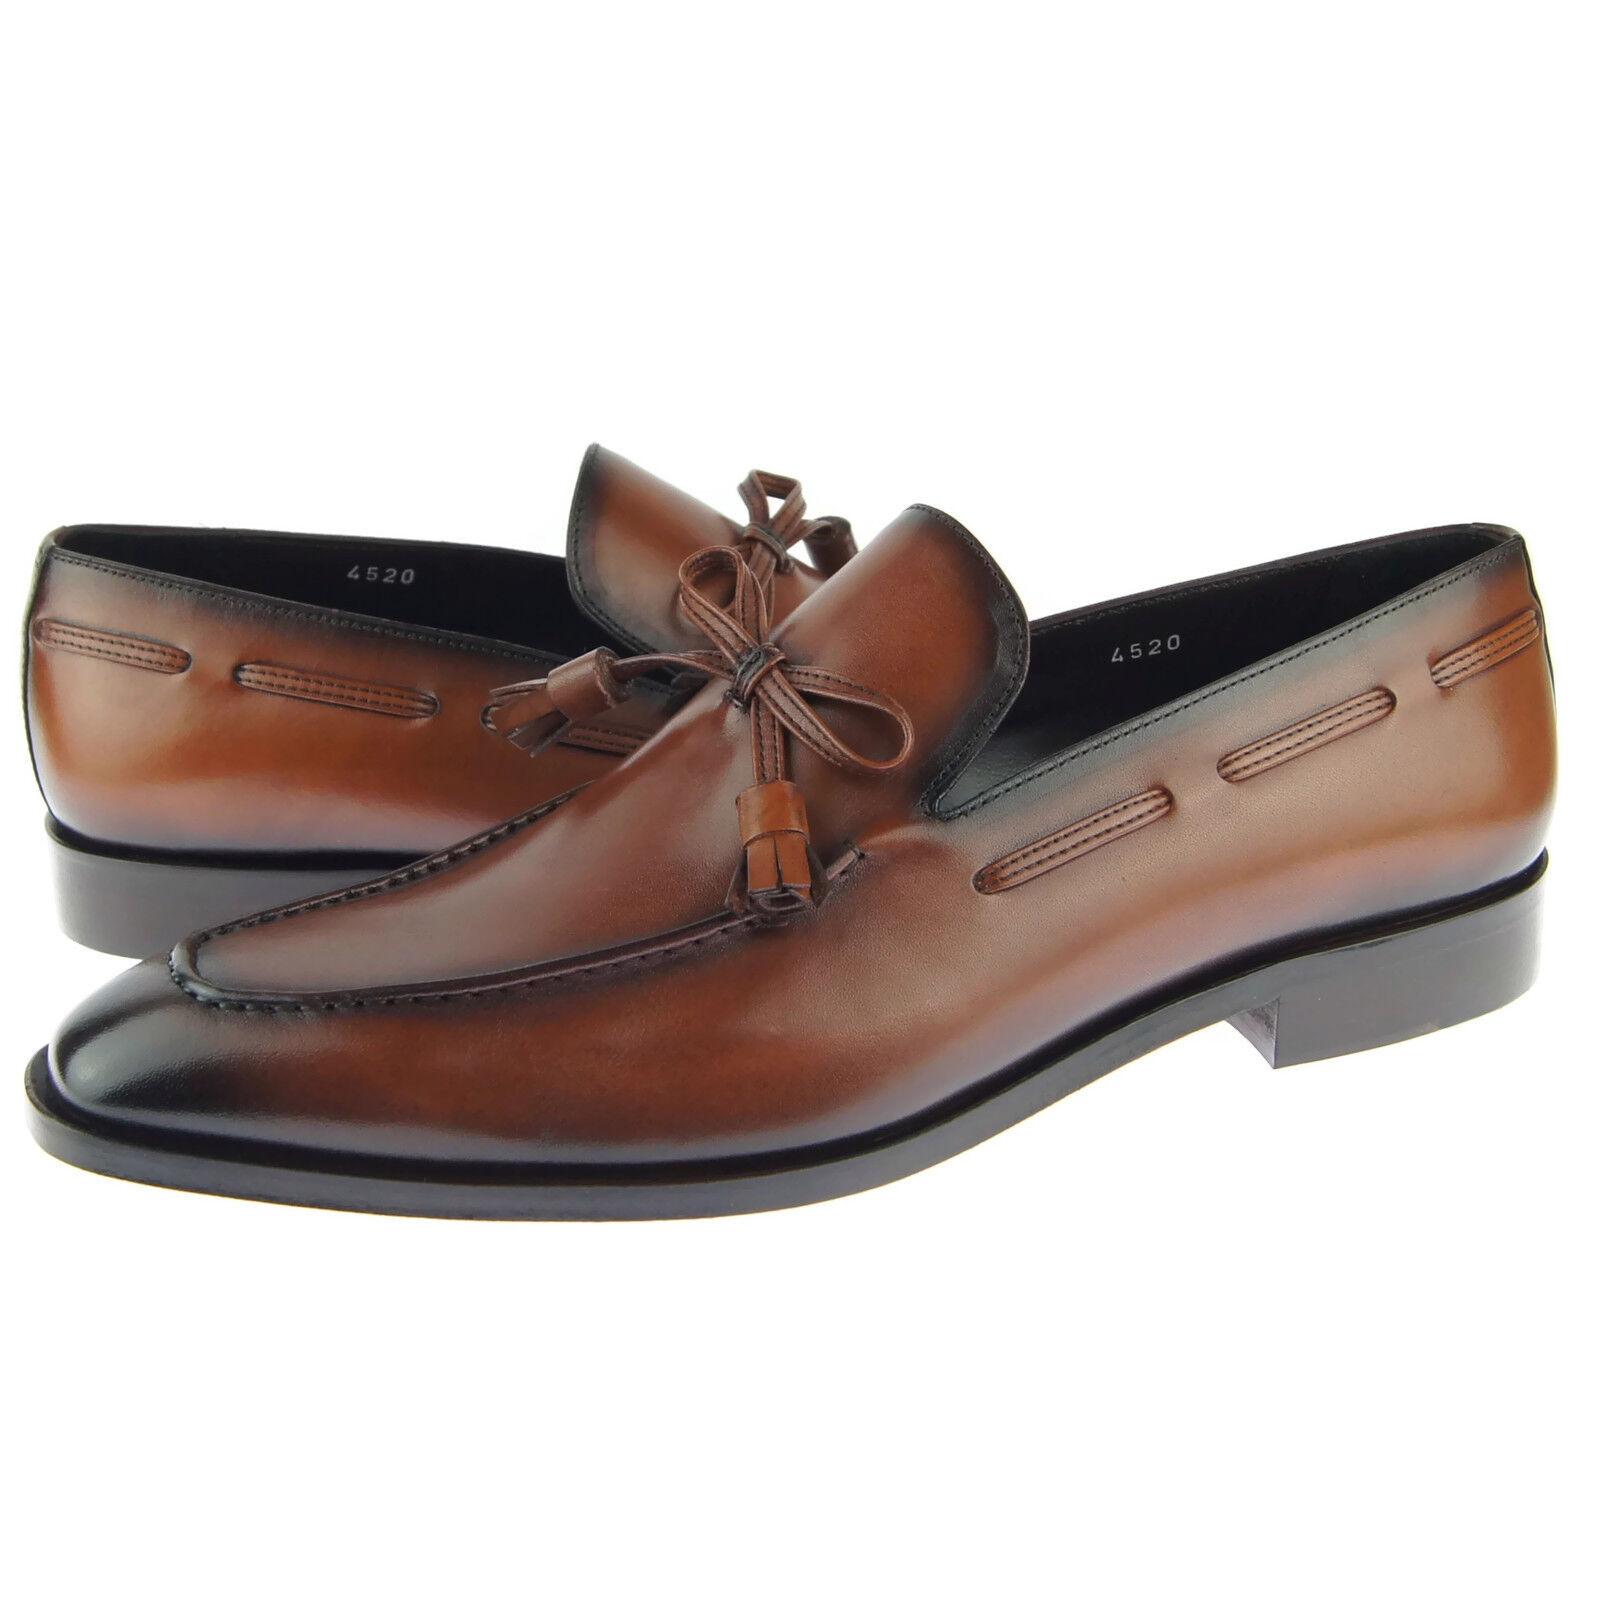 Corrente 4520 Tassel Loafer, Men's Dress Slip-on Leather shoes, Tobacco